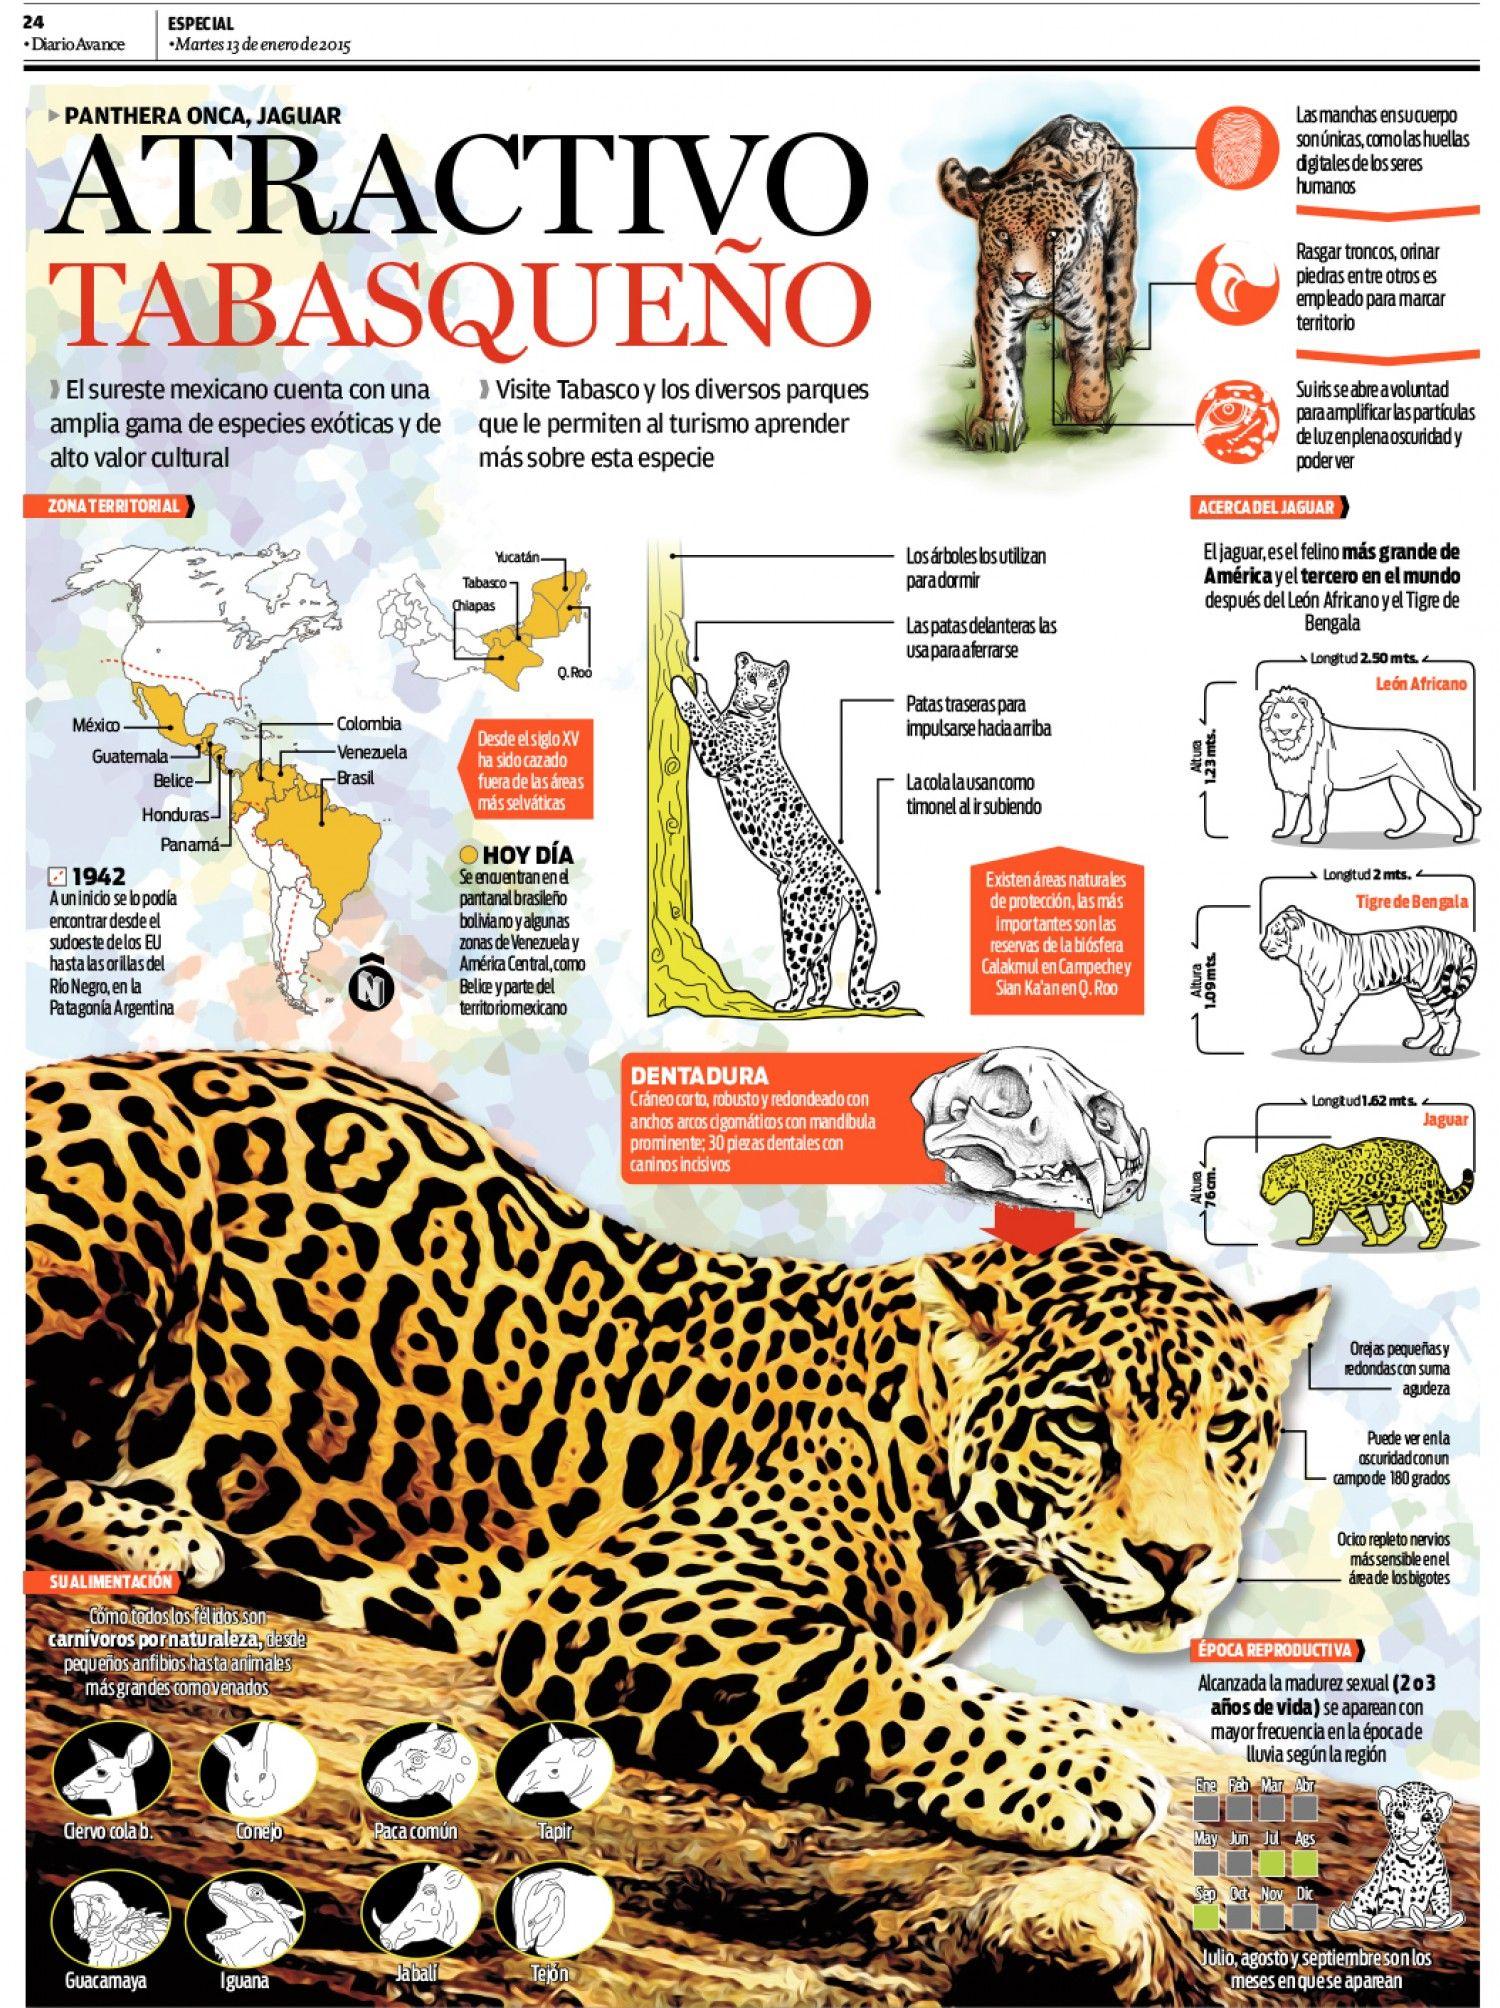 Jaguar Infographic   Jaguar (Panthera onca)   Pinterest